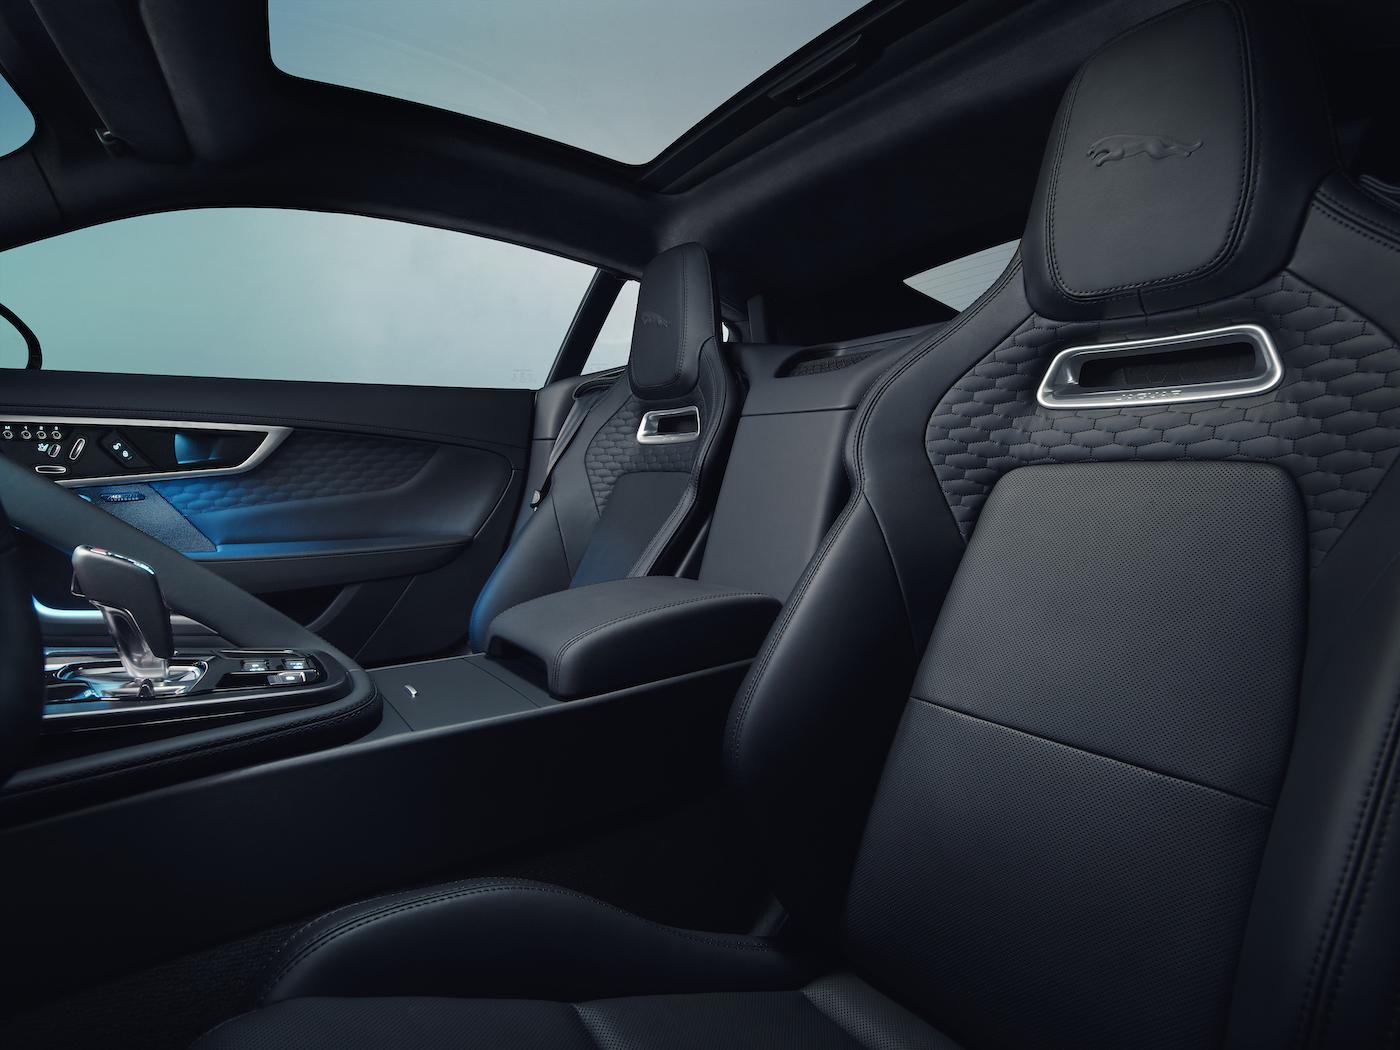 Weltpremiere: Der neue Jaguar F-TYPE wurde in München vorgestellt 4